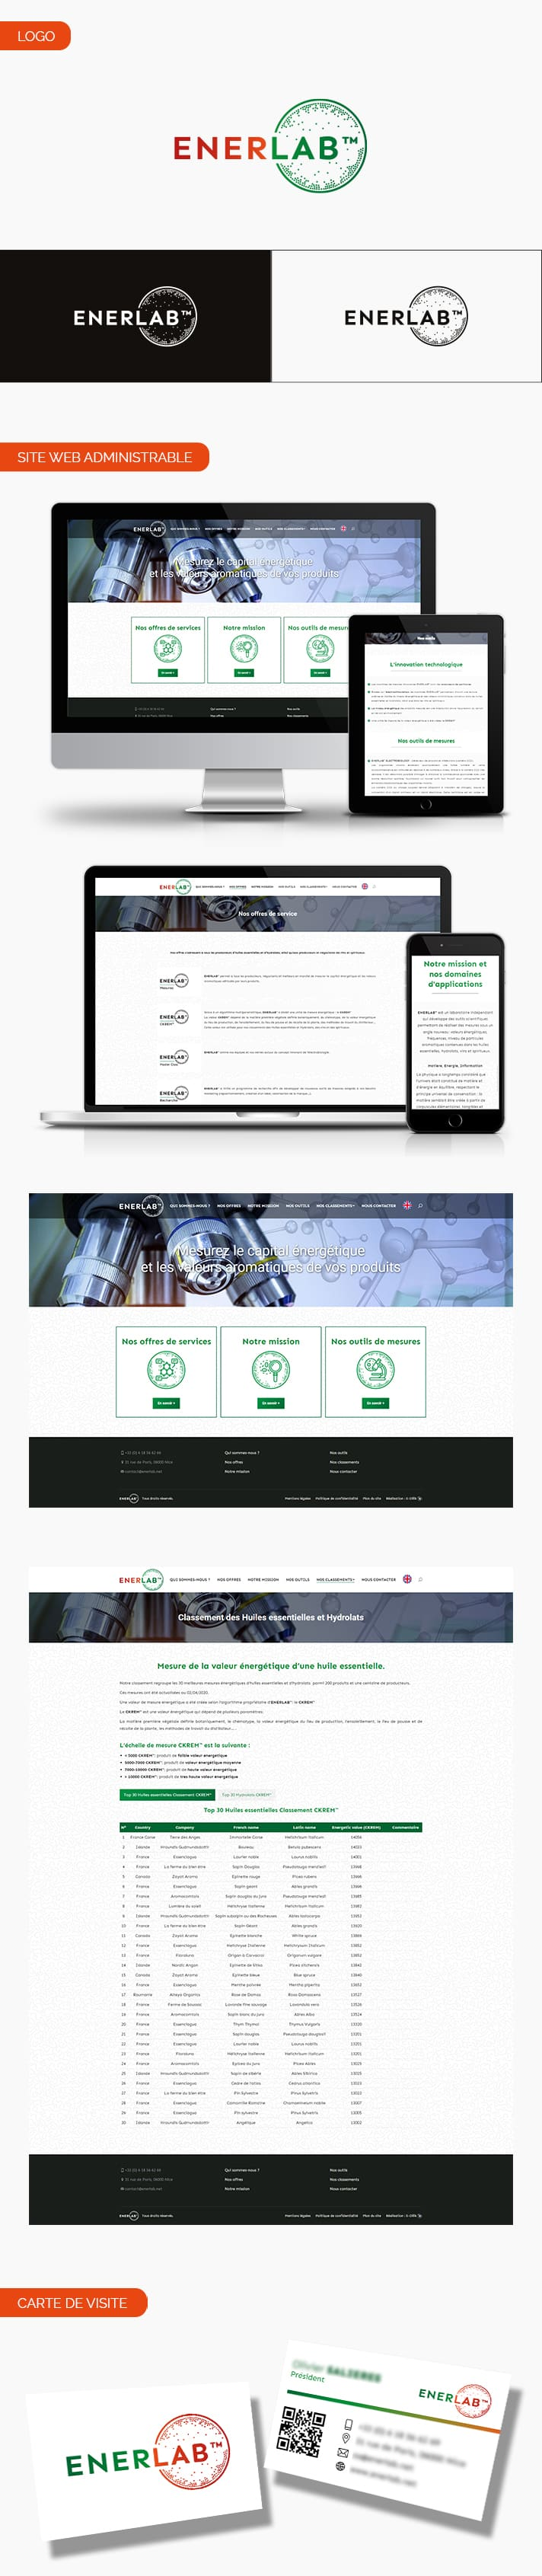 Aperçu logo, carte de visite et site internet de EnerLab